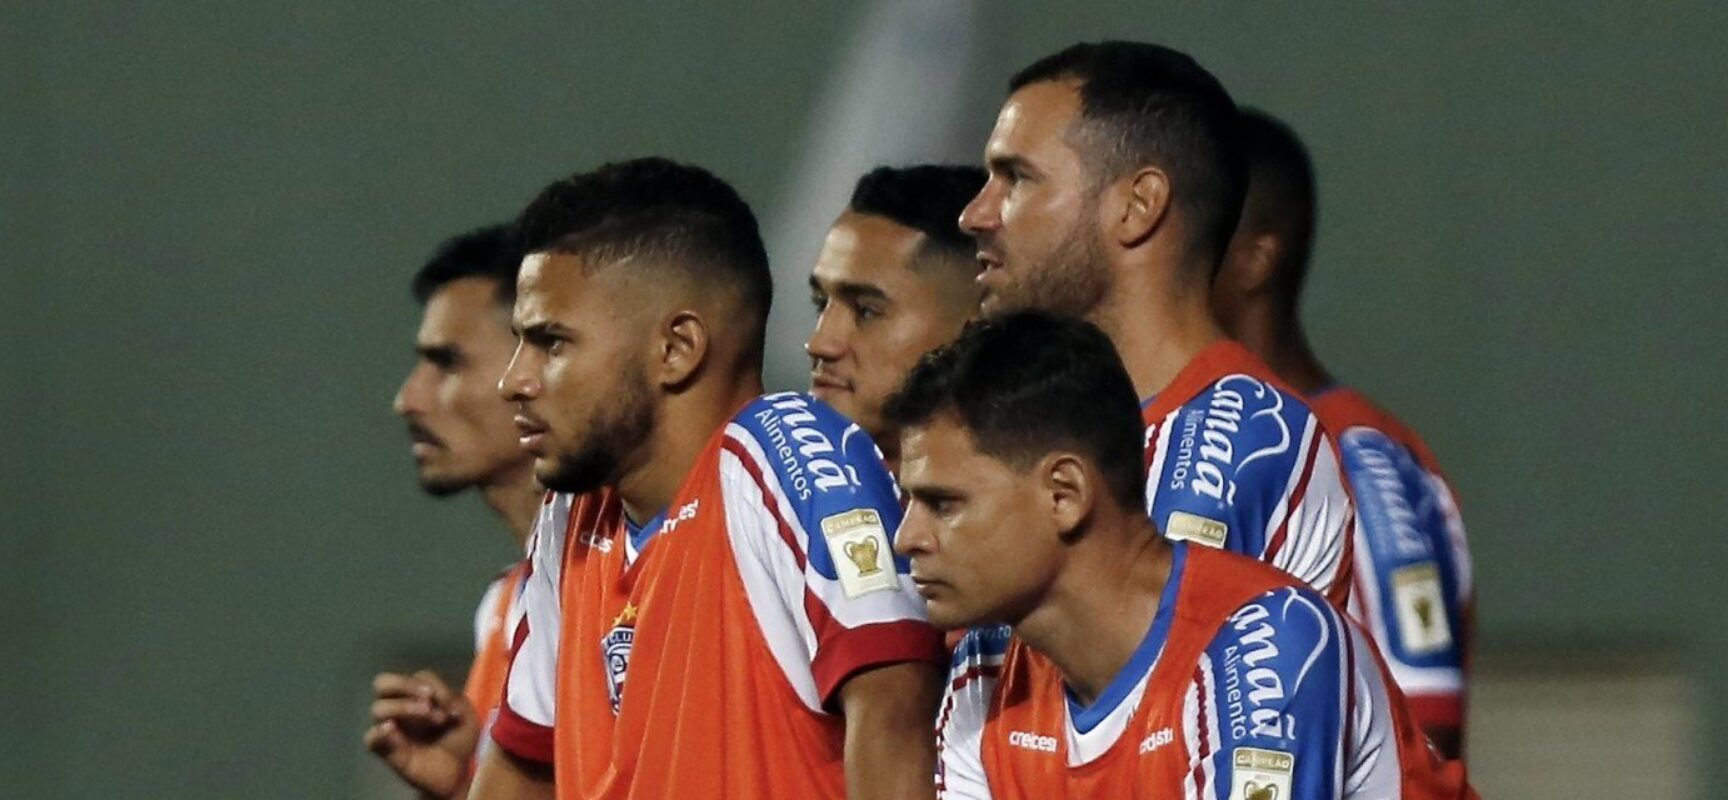 Ainda na bronca com arbitragem, Bahia volta ao palco do título contra o Ceará